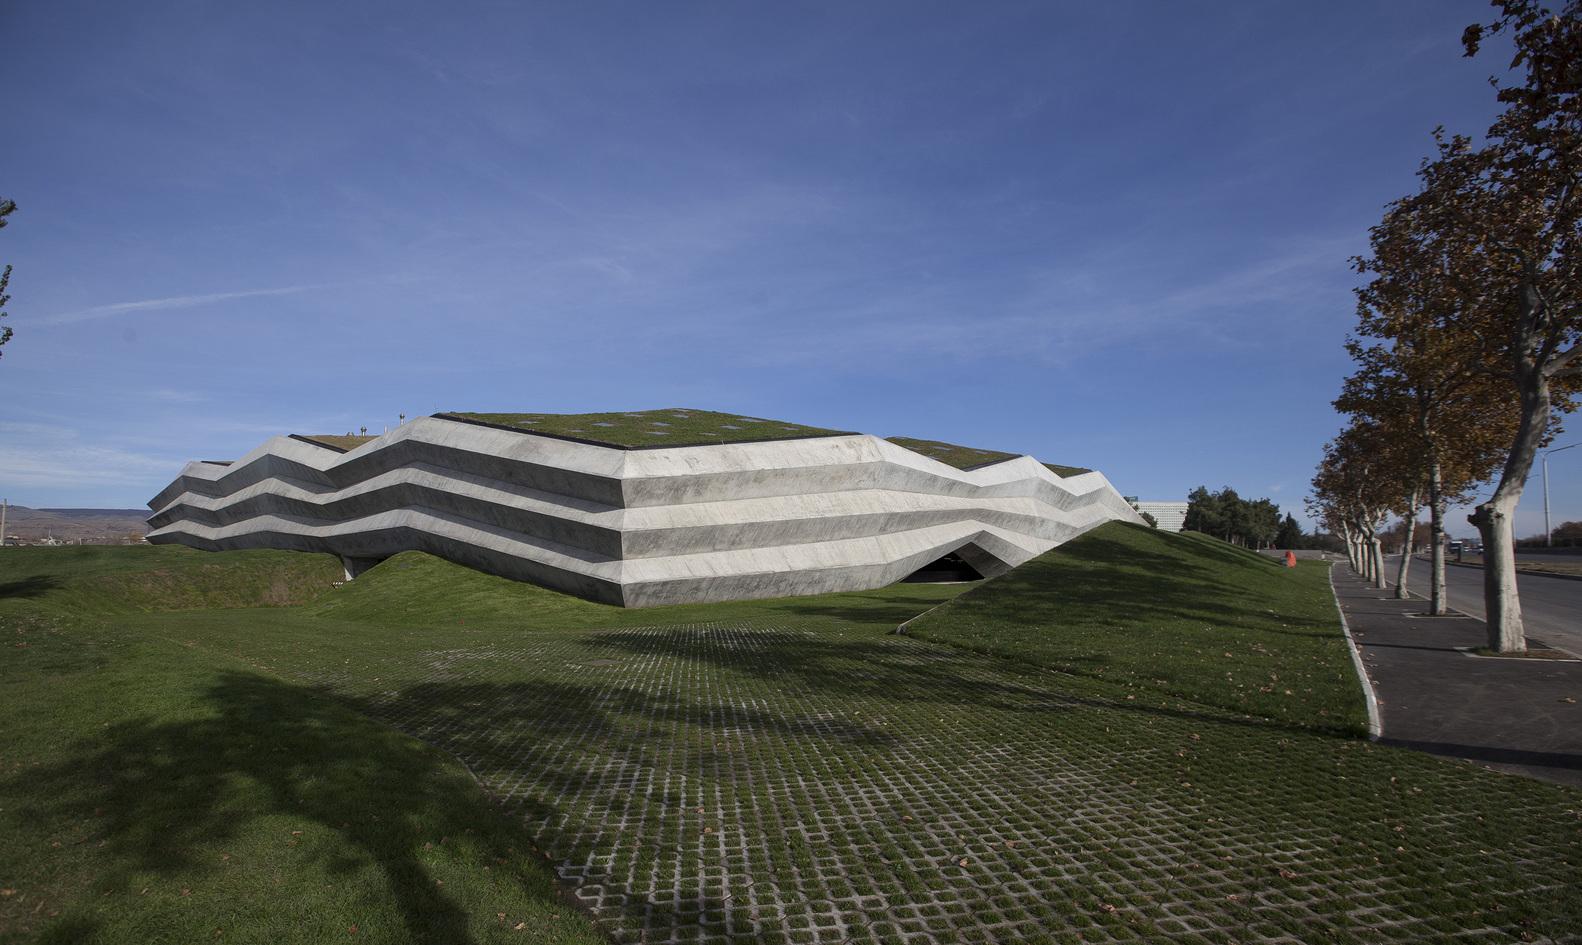 Coffee Production Plant / Khmaladze Architects